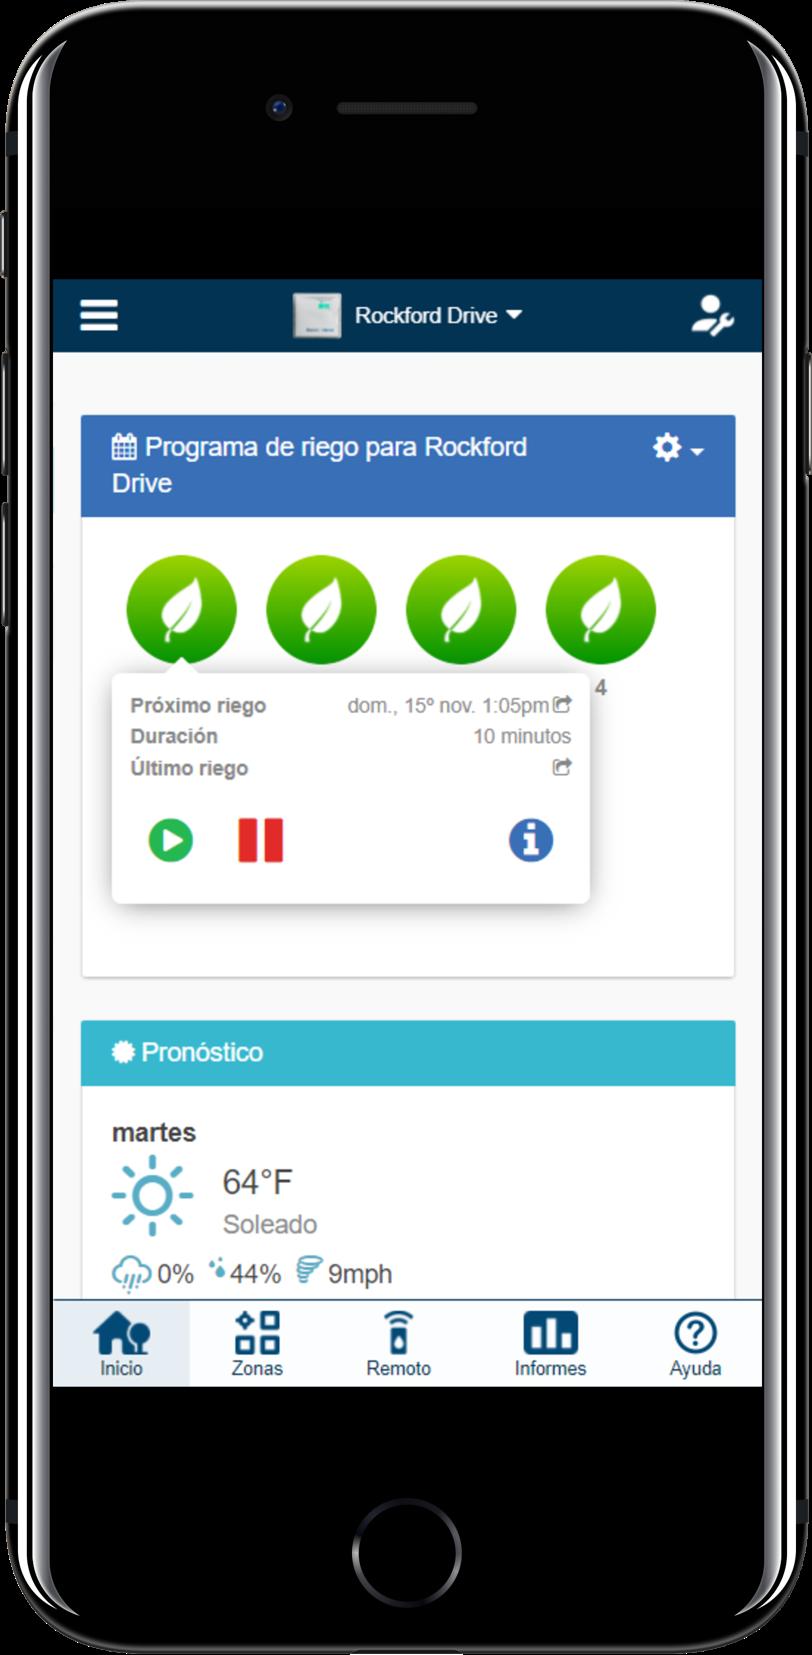 basic_app_navigation_1_en-us.png